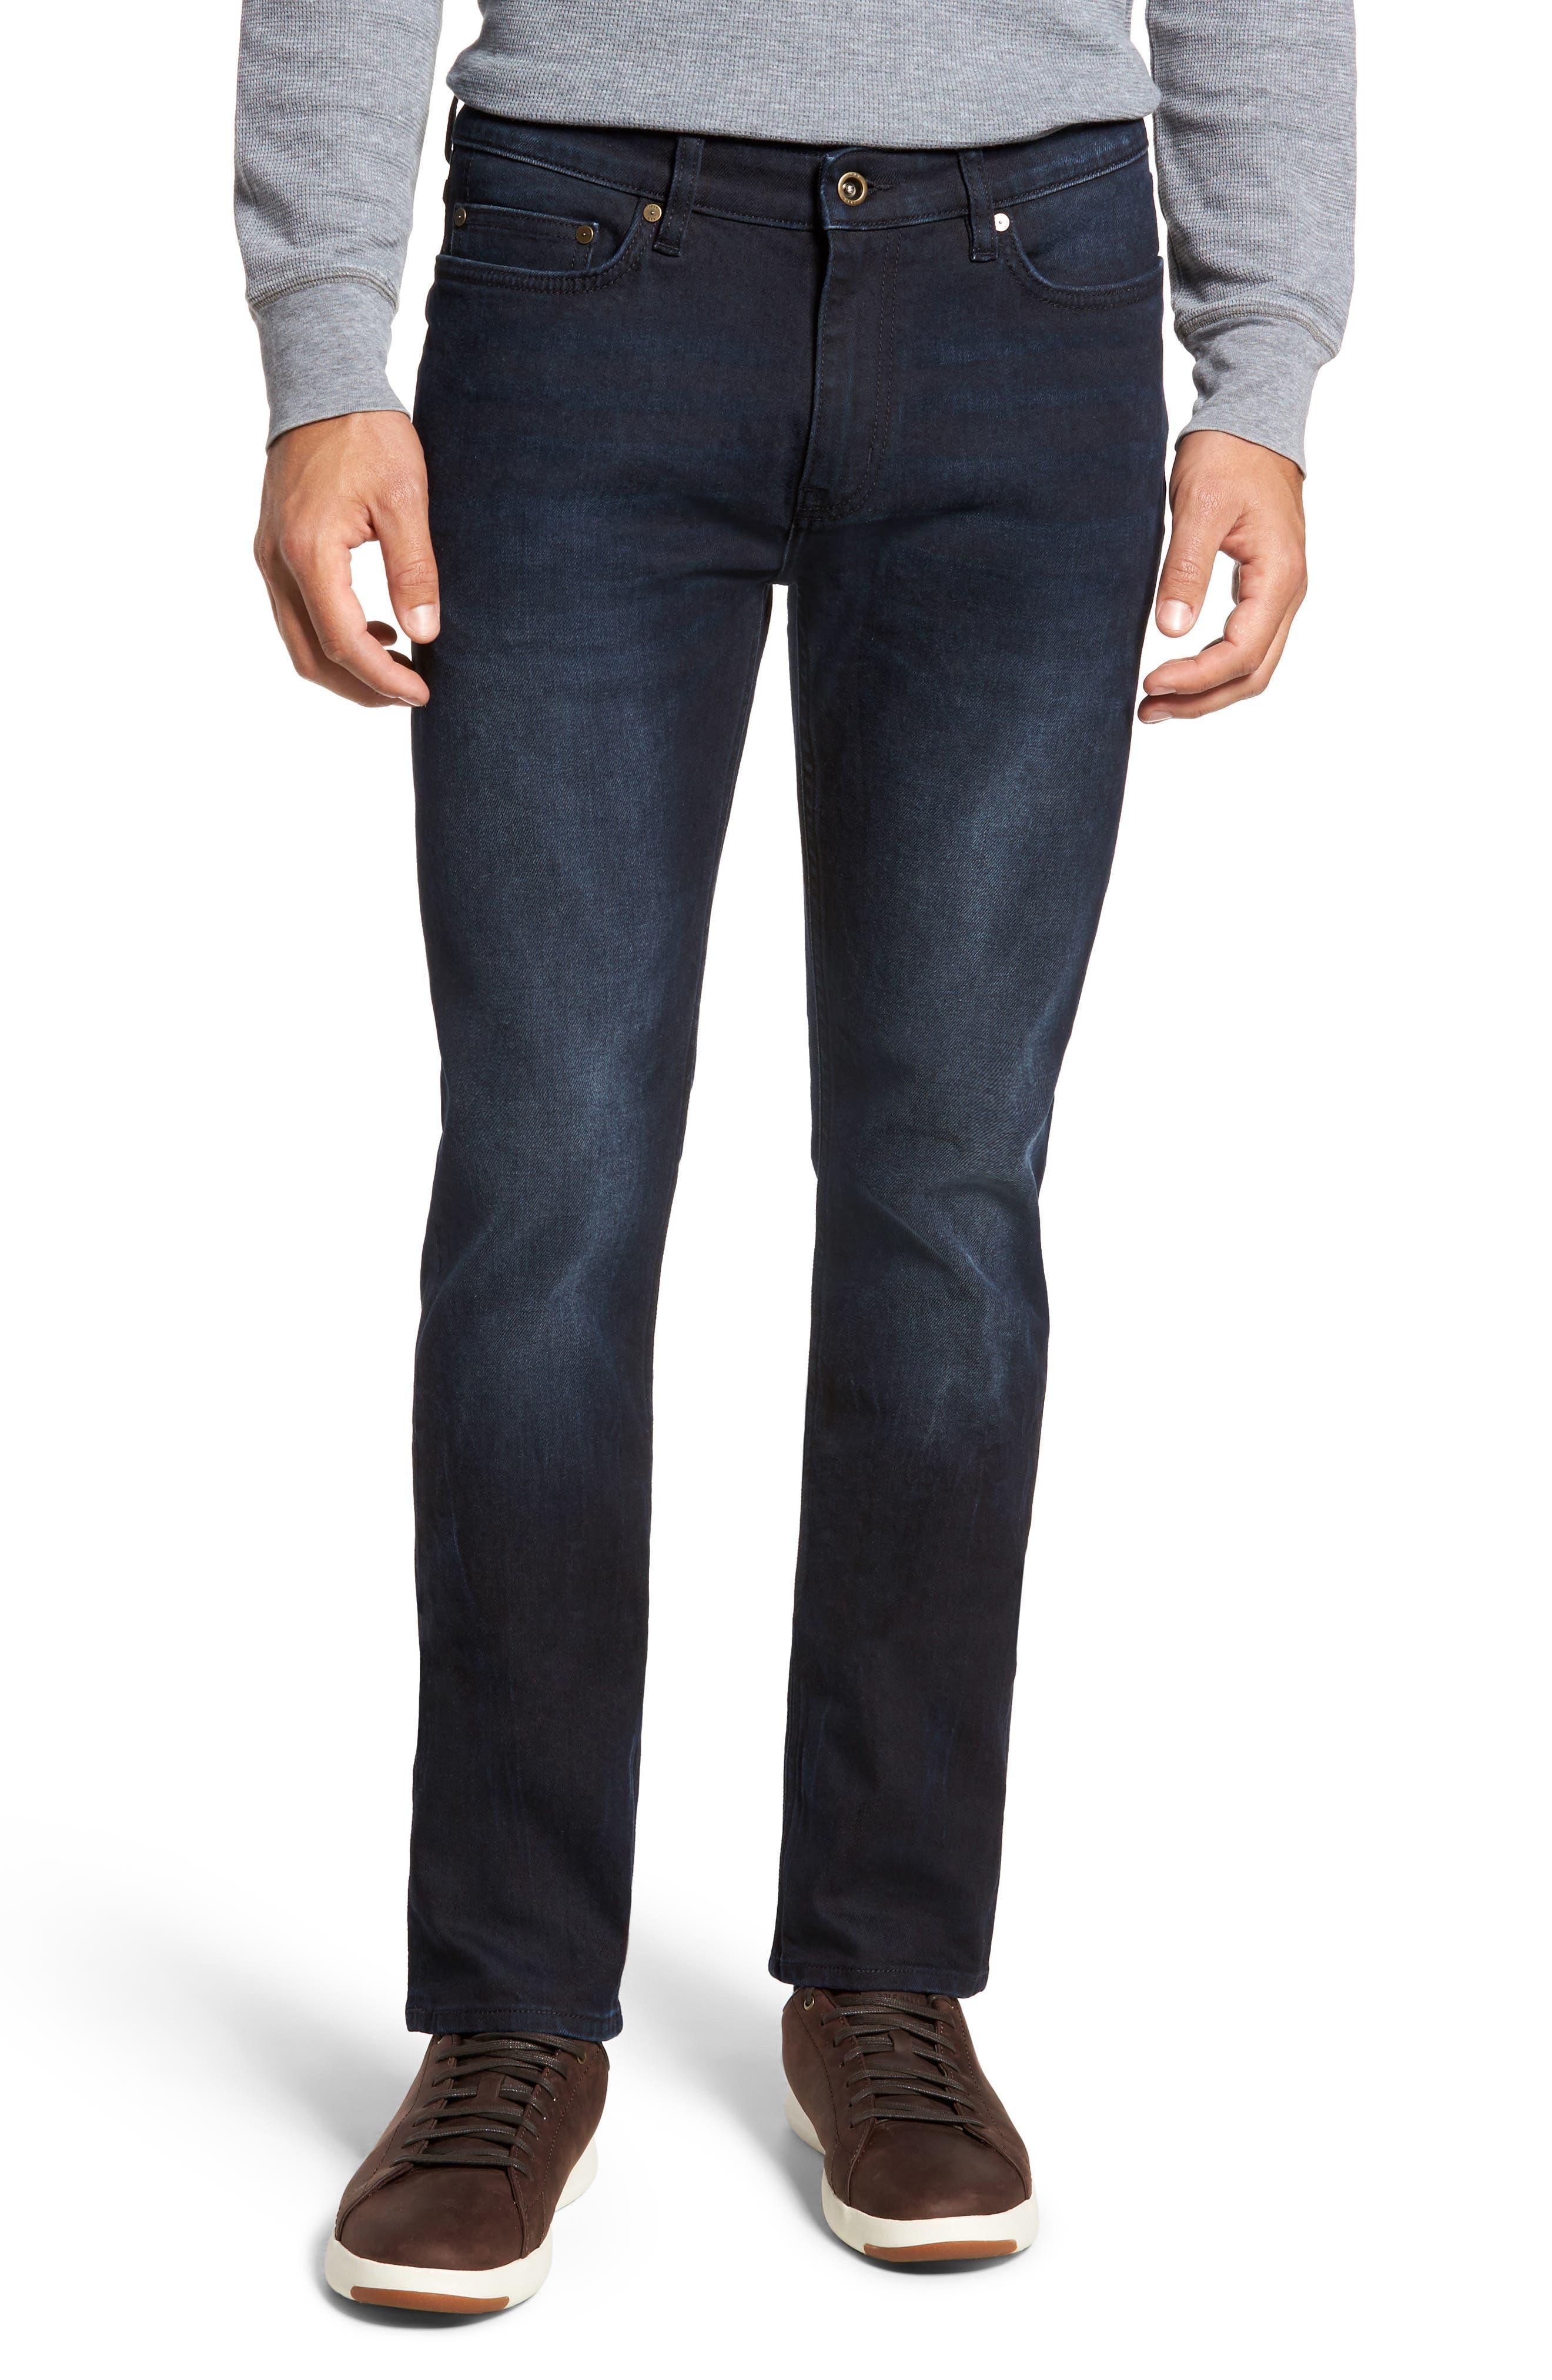 Rodd & Gunn Mapleton Slim Fit Jeans